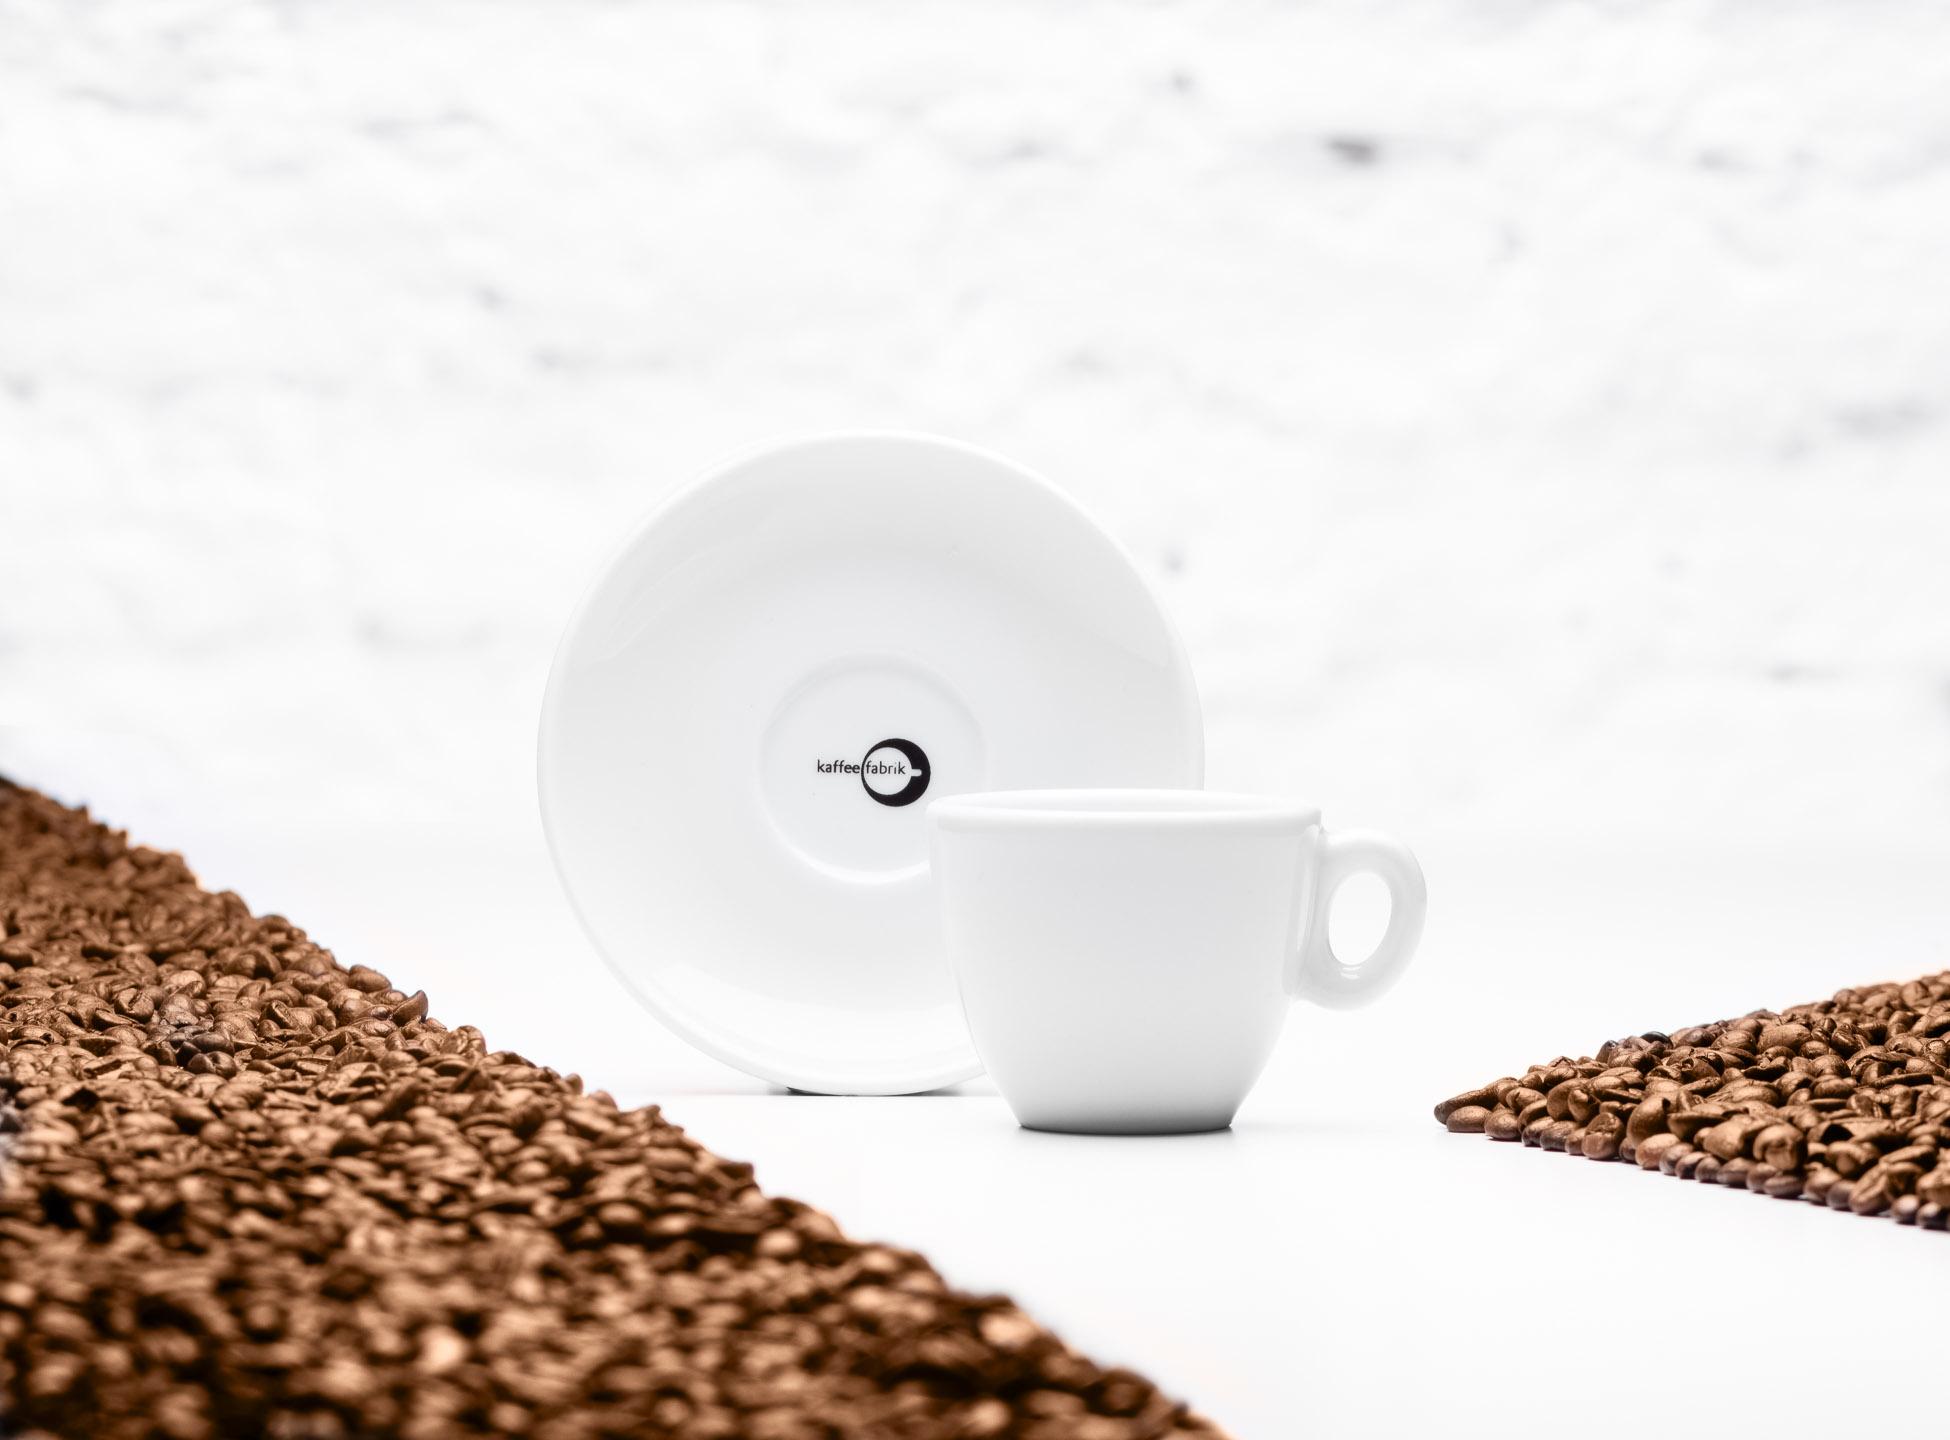 Studioaufnahme einer Kaffeetasse und Untertasse mit Kaffeebohnen